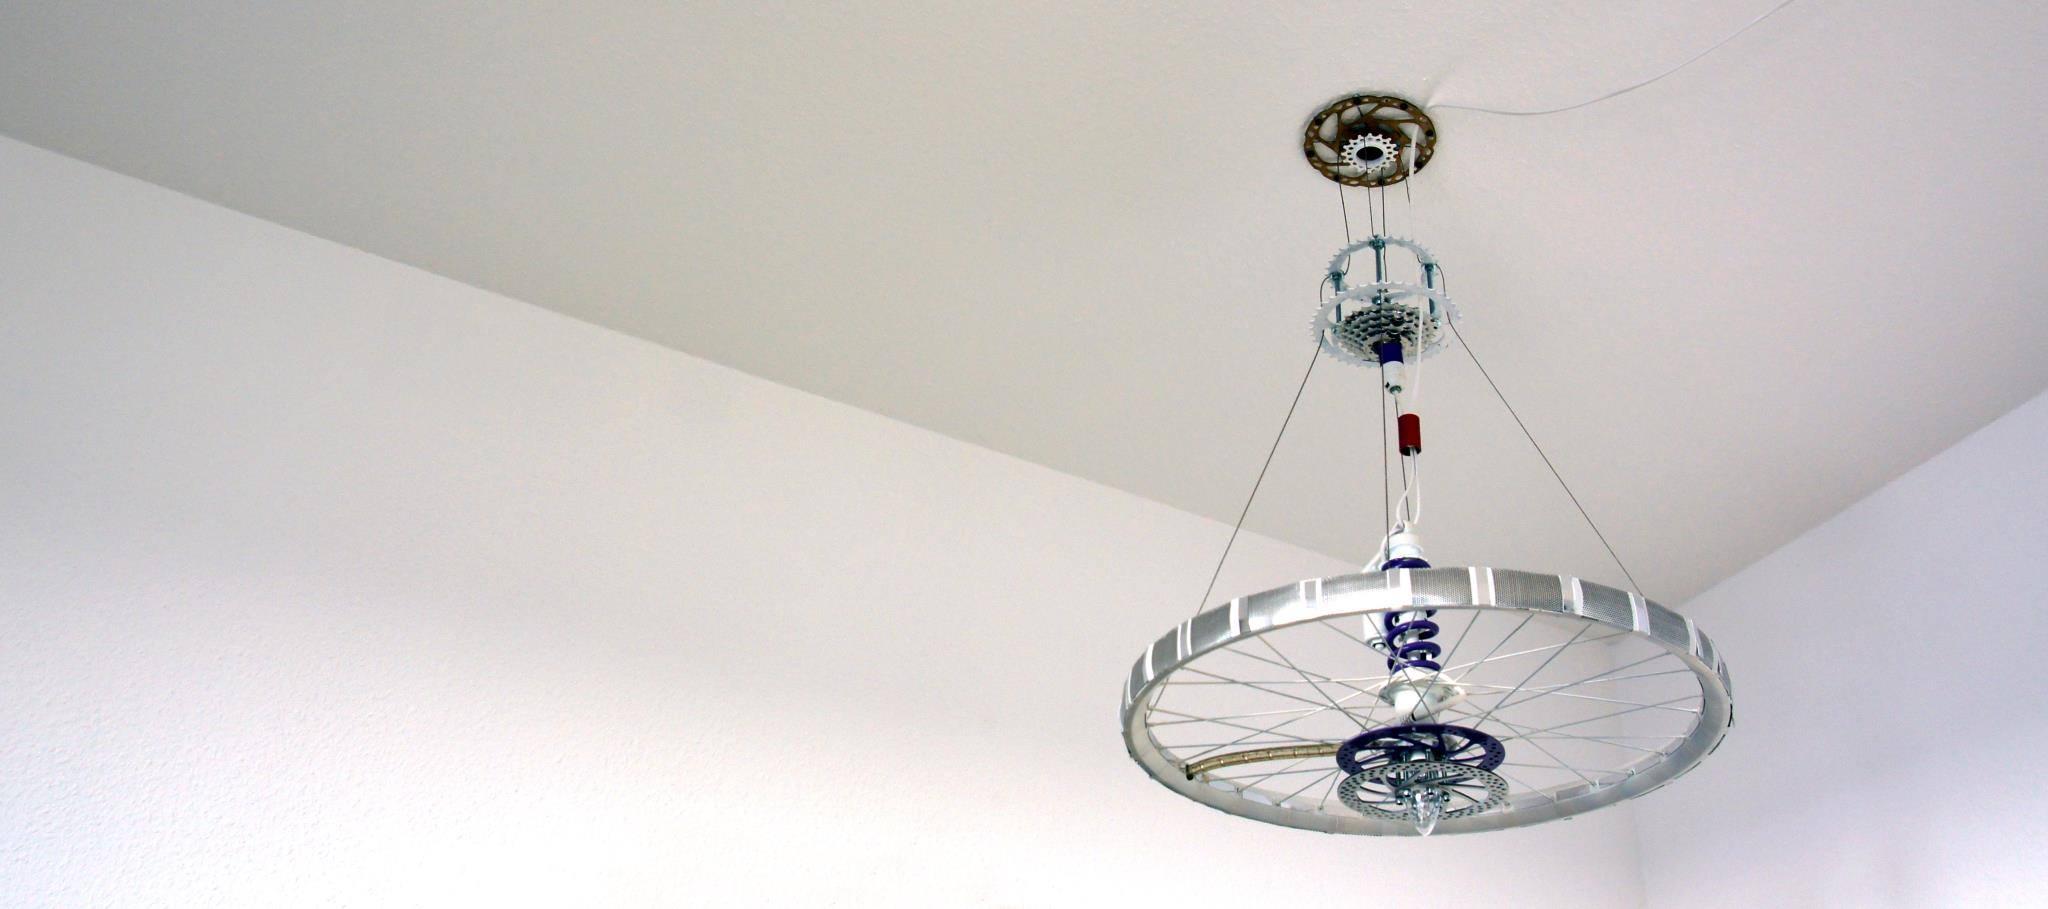 biek lamp2